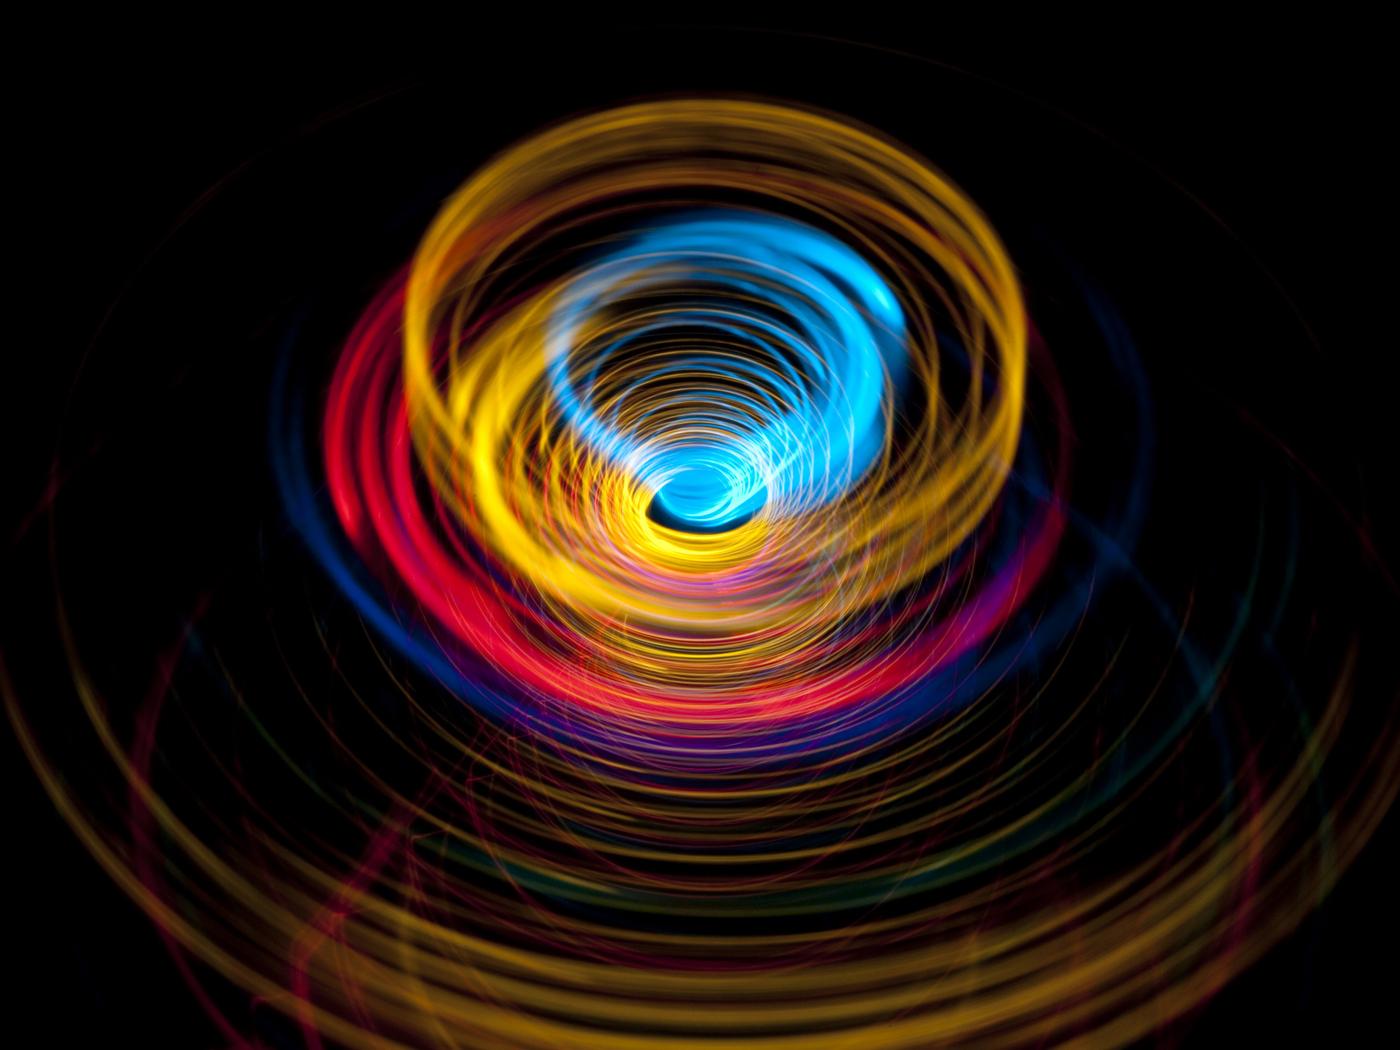 circles-motion-rotation-abstract-colorful-4k-5a.jpg